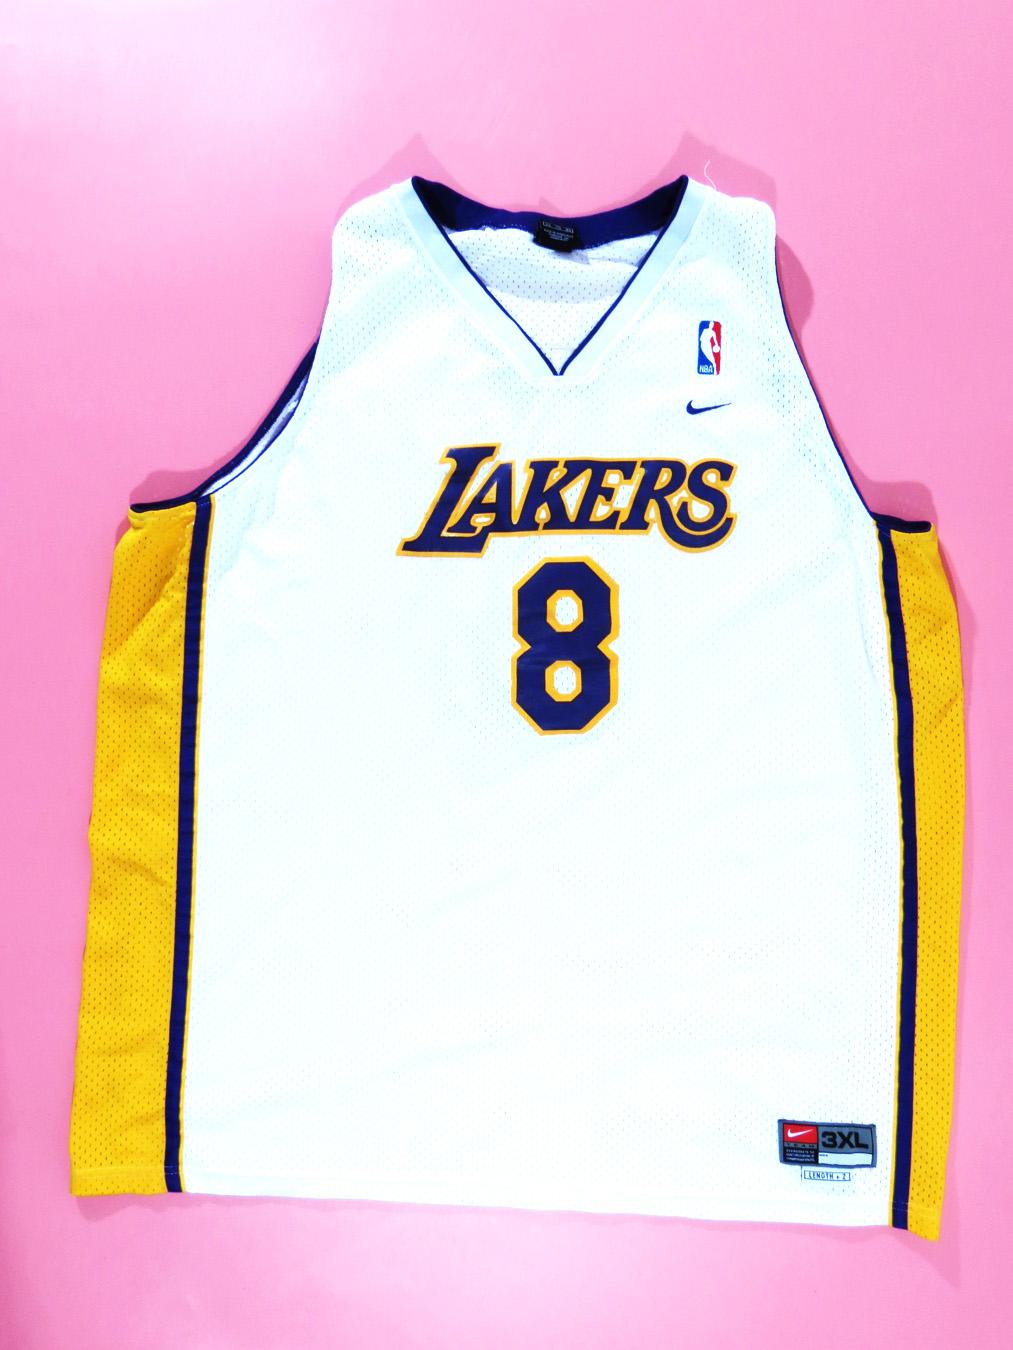 Kobe Bryant LA Lakers Nike Jersey 3XL